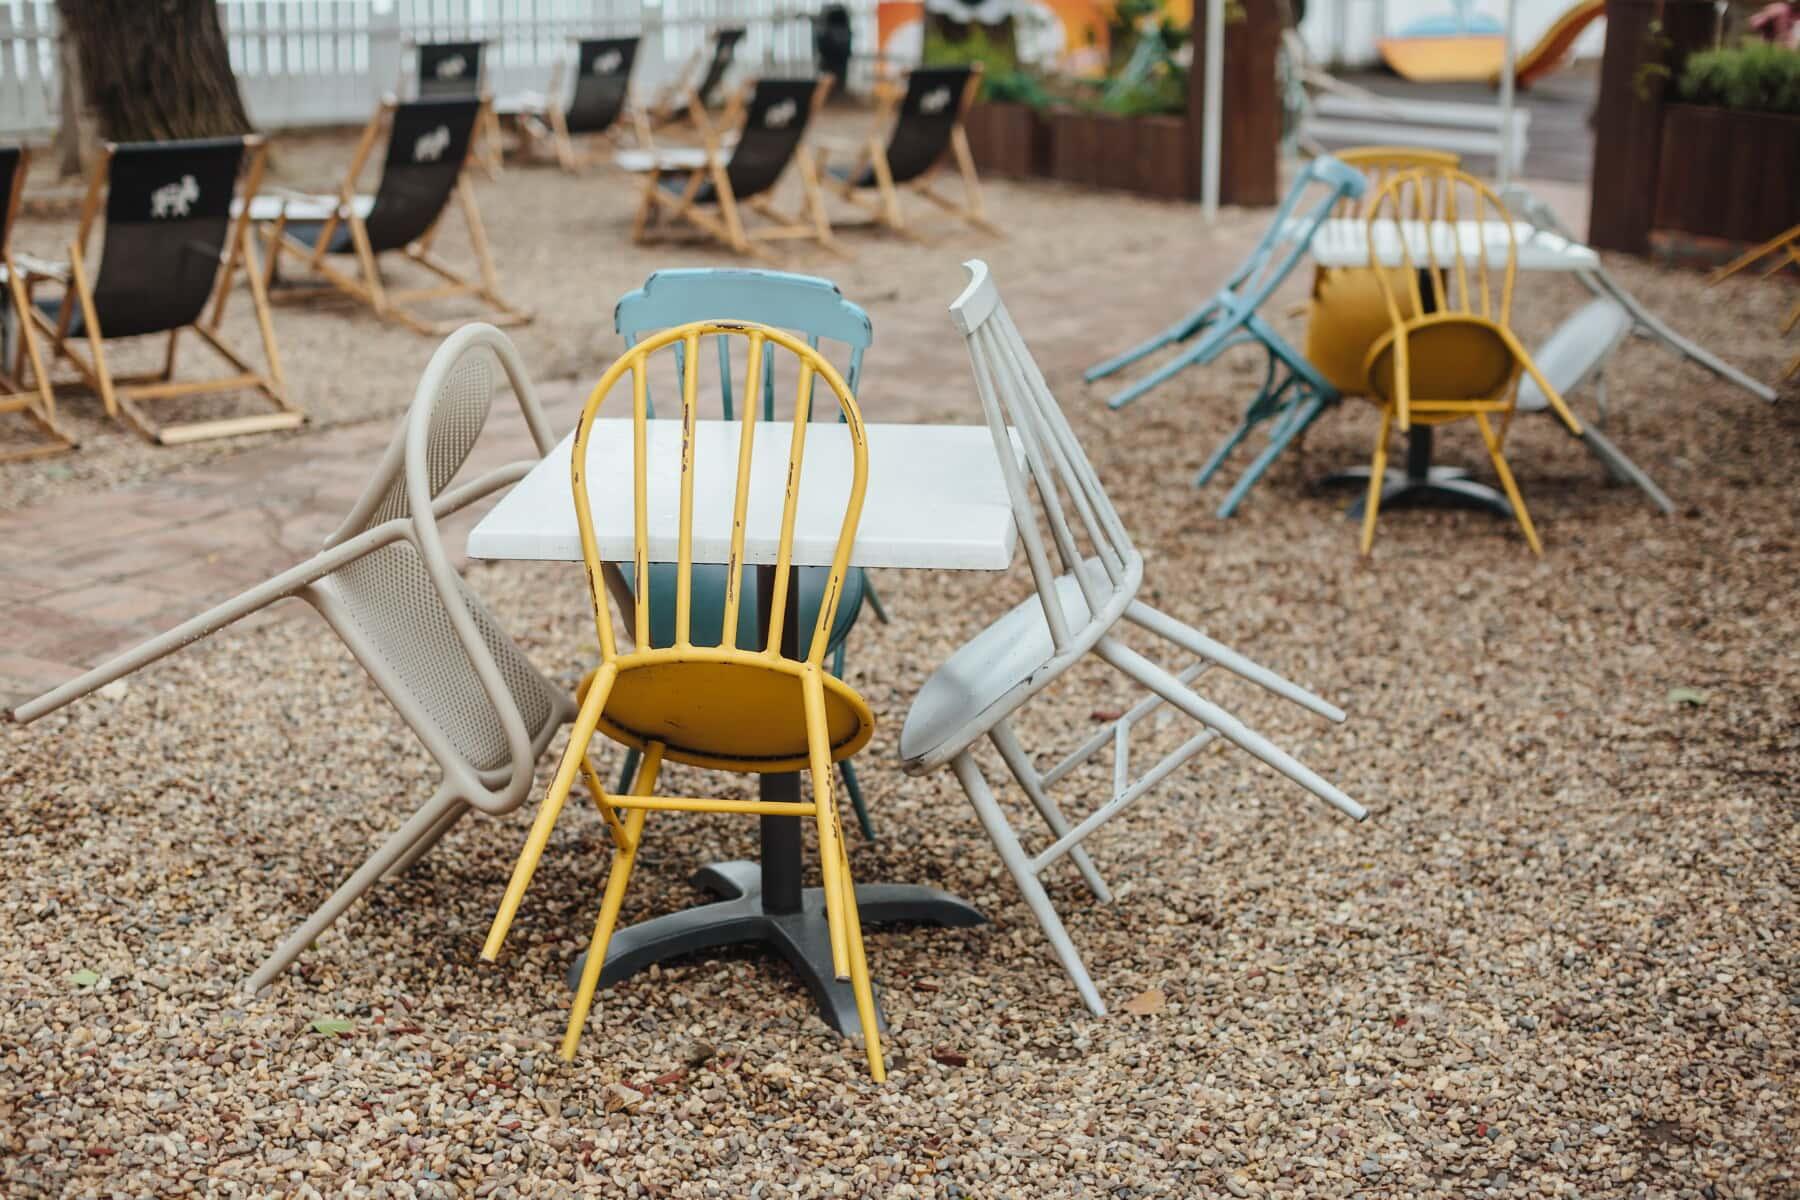 ヴィンテージ, 金属, 裏庭, 椅子, 家具, 座席, 椅子, 夏, リラクゼーション, テーブル